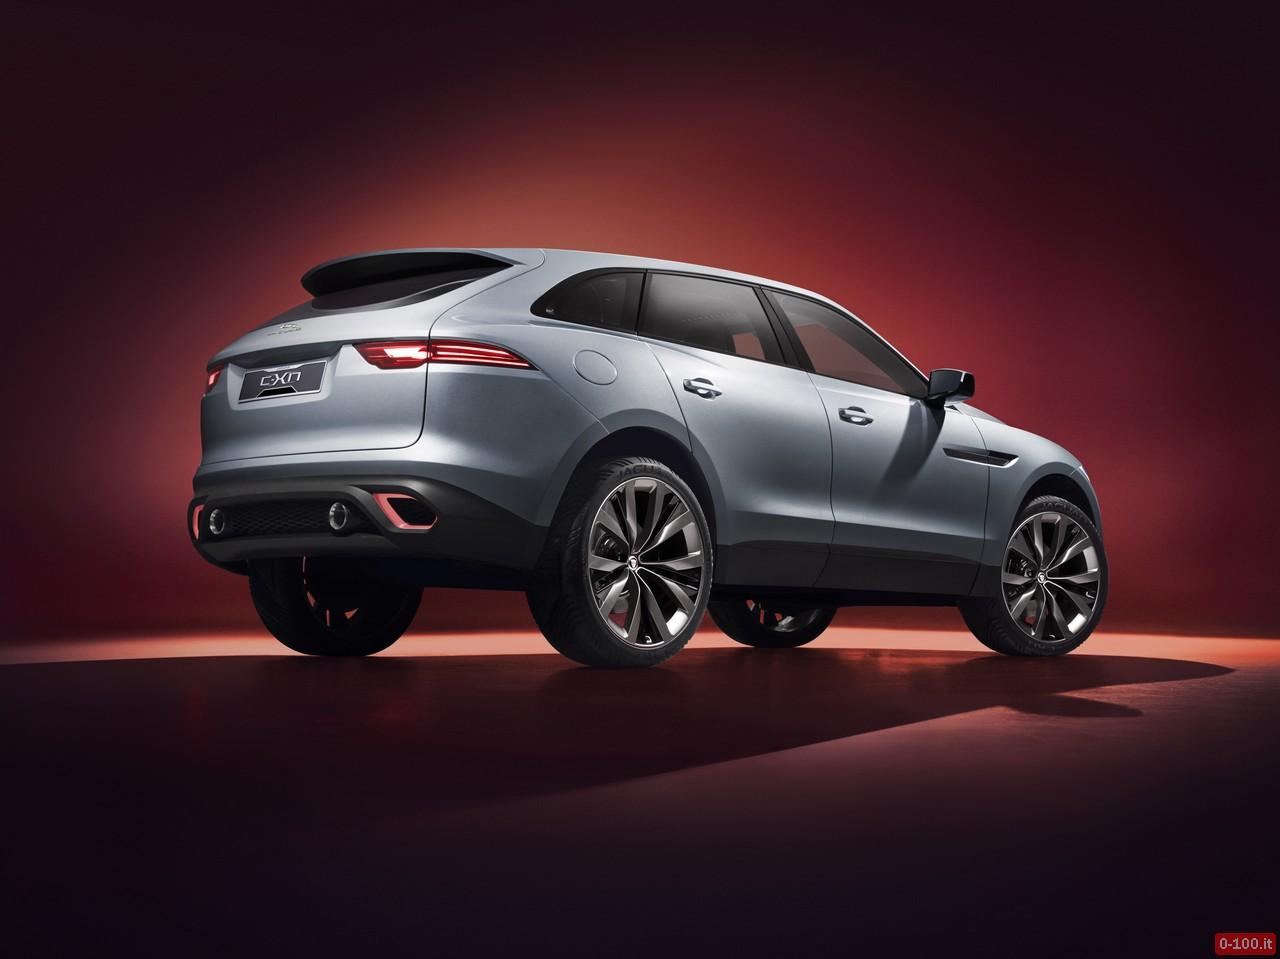 jaguar-c-x17-dubai-price-aluminum_0-100_31